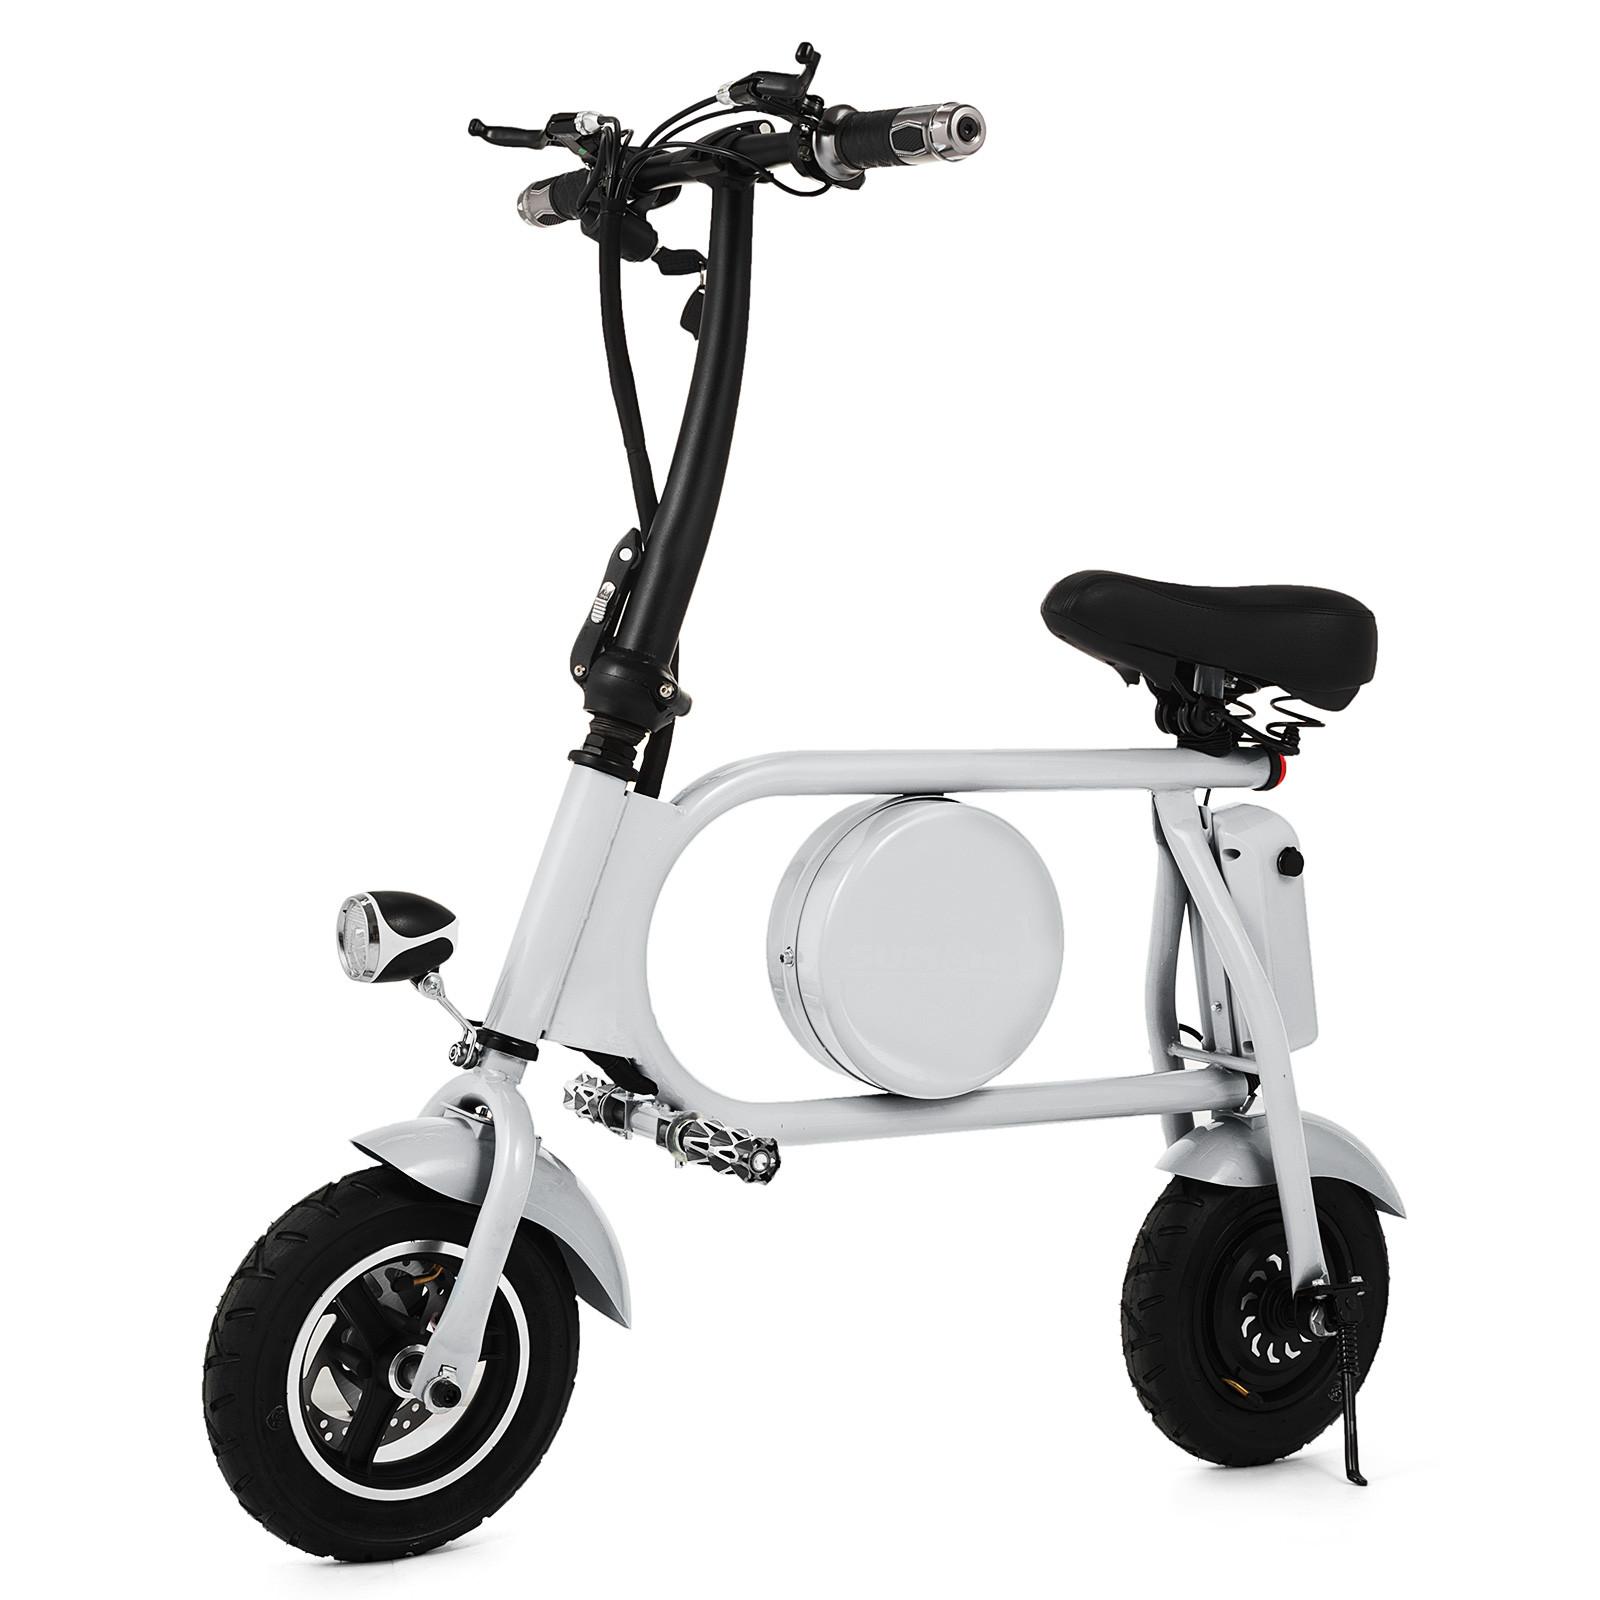 Folding-Electric-Bicycle-E-Bike-36v-battery-amp-400-Watt-Motor-Portable-eBike-FF thumbnail 41